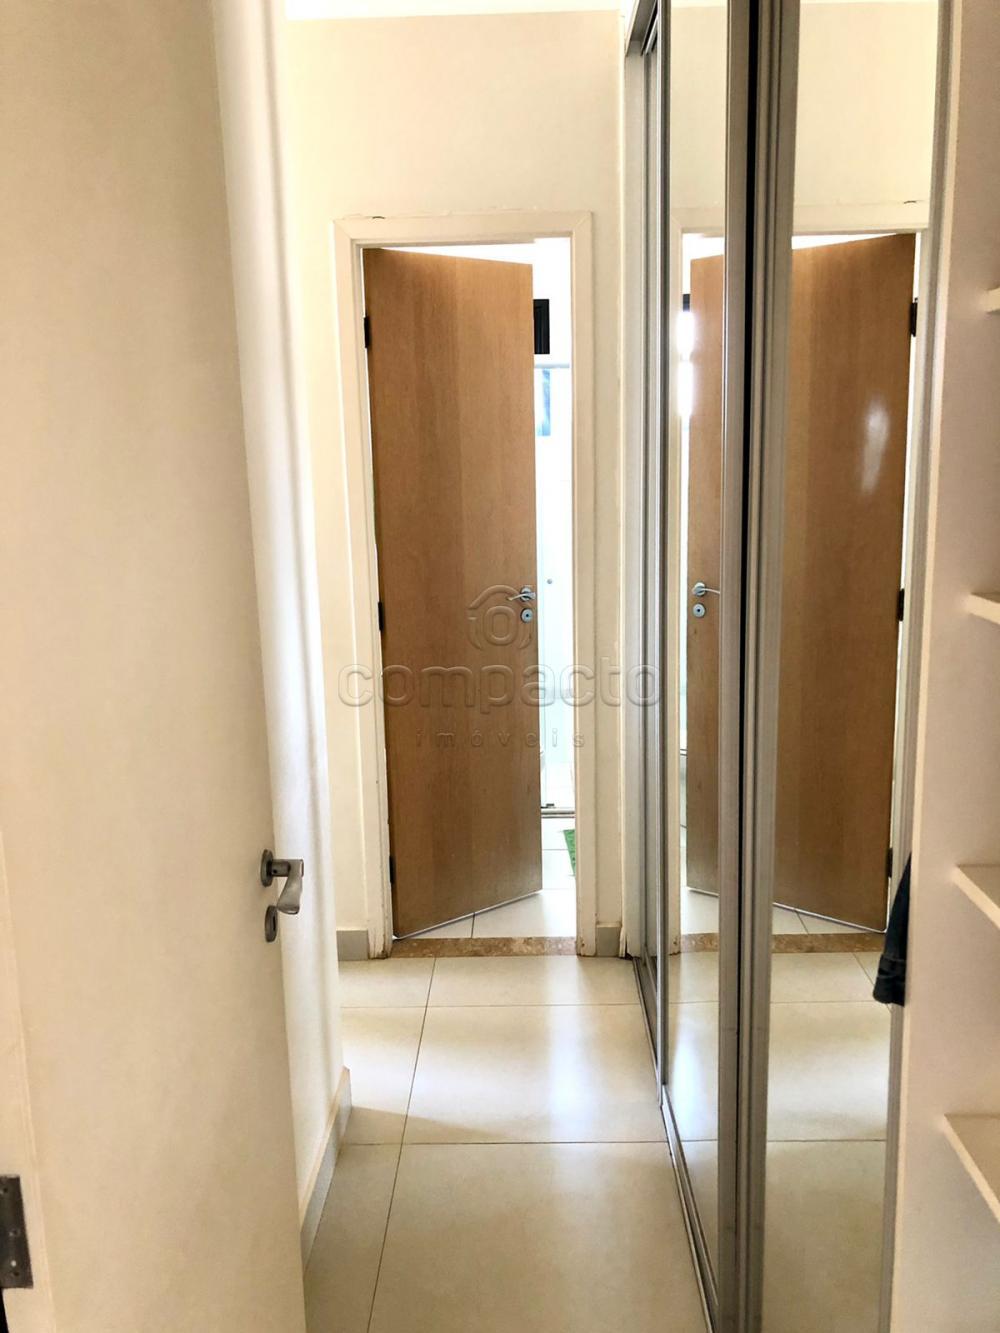 Comprar Apartamento / Padrão em São José do Rio Preto R$ 450.000,00 - Foto 9